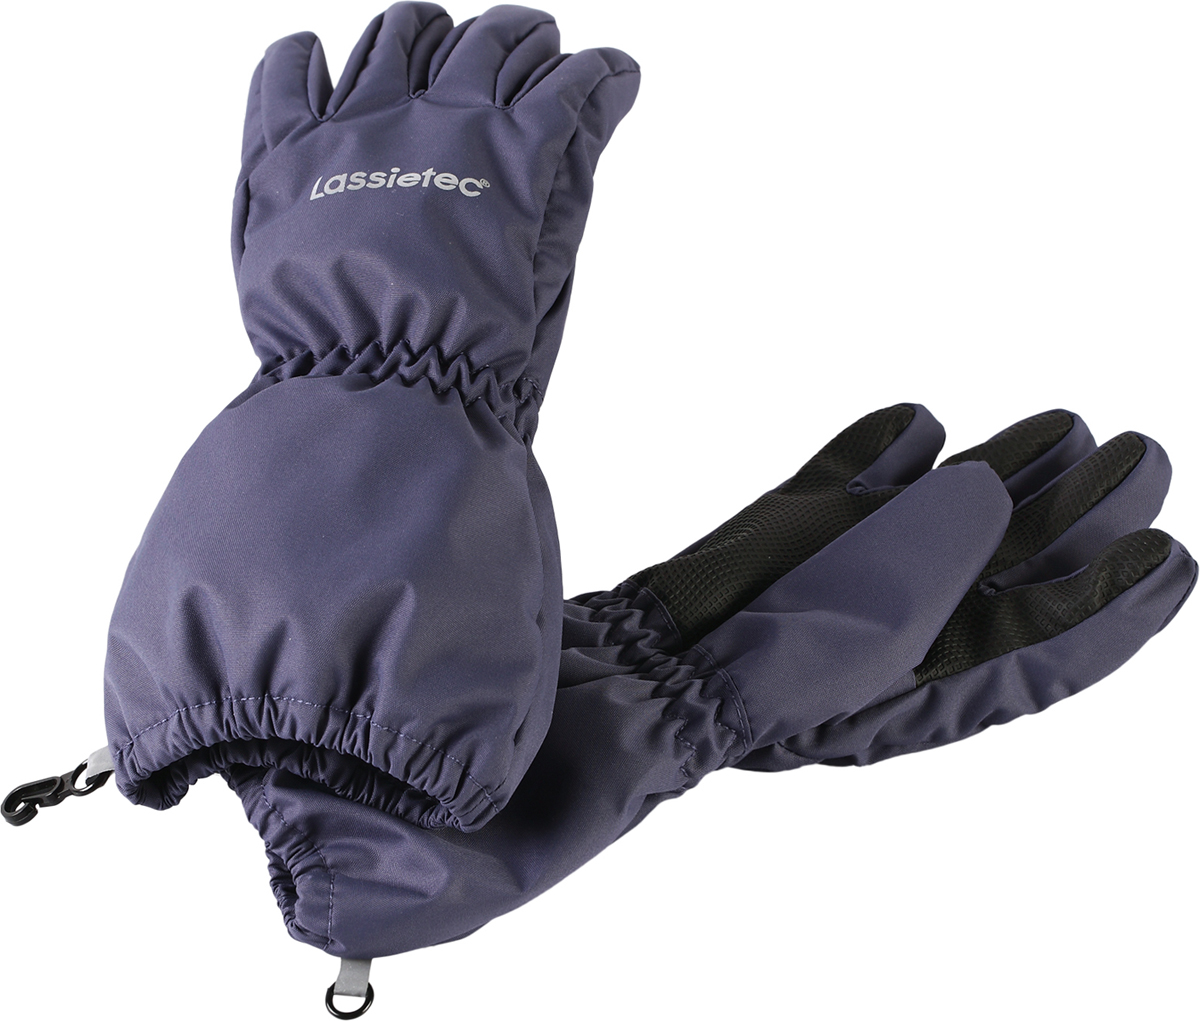 Перчатки детские Lassie, цвет: темно-синий. 7277069630. Размер 57277069630Дышащие детские перчатки изготовлены из очень износостойкого и абсолютно водонепроницаемого материала. В них предусмотрена водонепроницаемая мембрана и трикотажная подкладка из полиэстера с начесом. Усиления на ладони, кончиках пальцев и на большом пальце позволяют крепко держать в руках разные сокровища, найденные во время весенних приключений на природе, а еще хорошо согревают ручки. Сверху снабжены светоотражающим элементом.